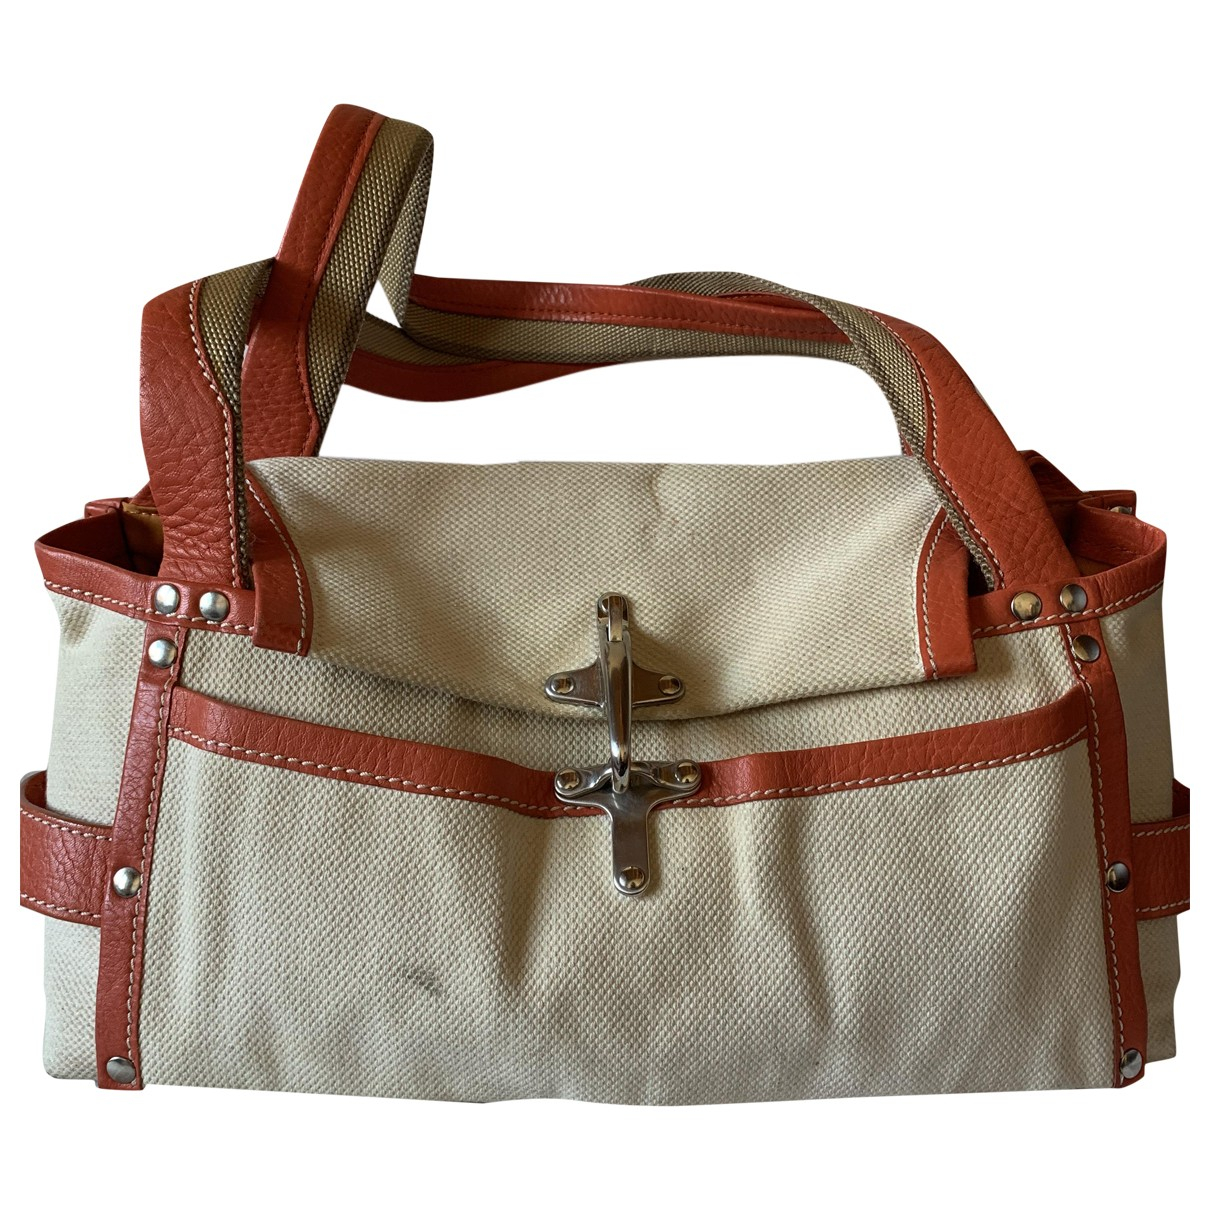 Fay \N Handtasche in  Beige Baumwolle